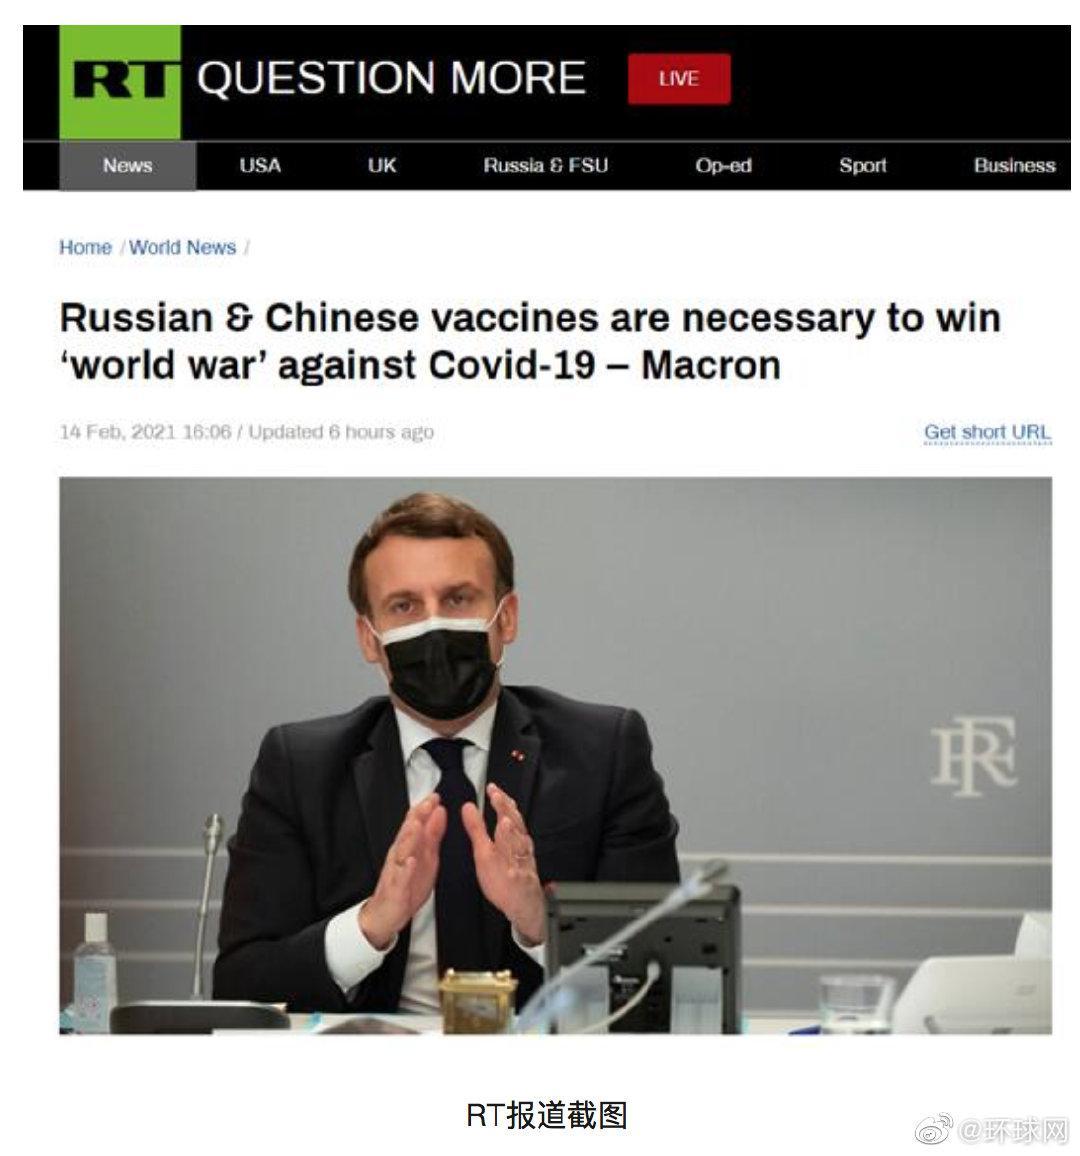 """马克龙:世界需要中俄疫苗打赢抗击新冠""""世界大战"""" """"必须与中俄合作""""图片"""